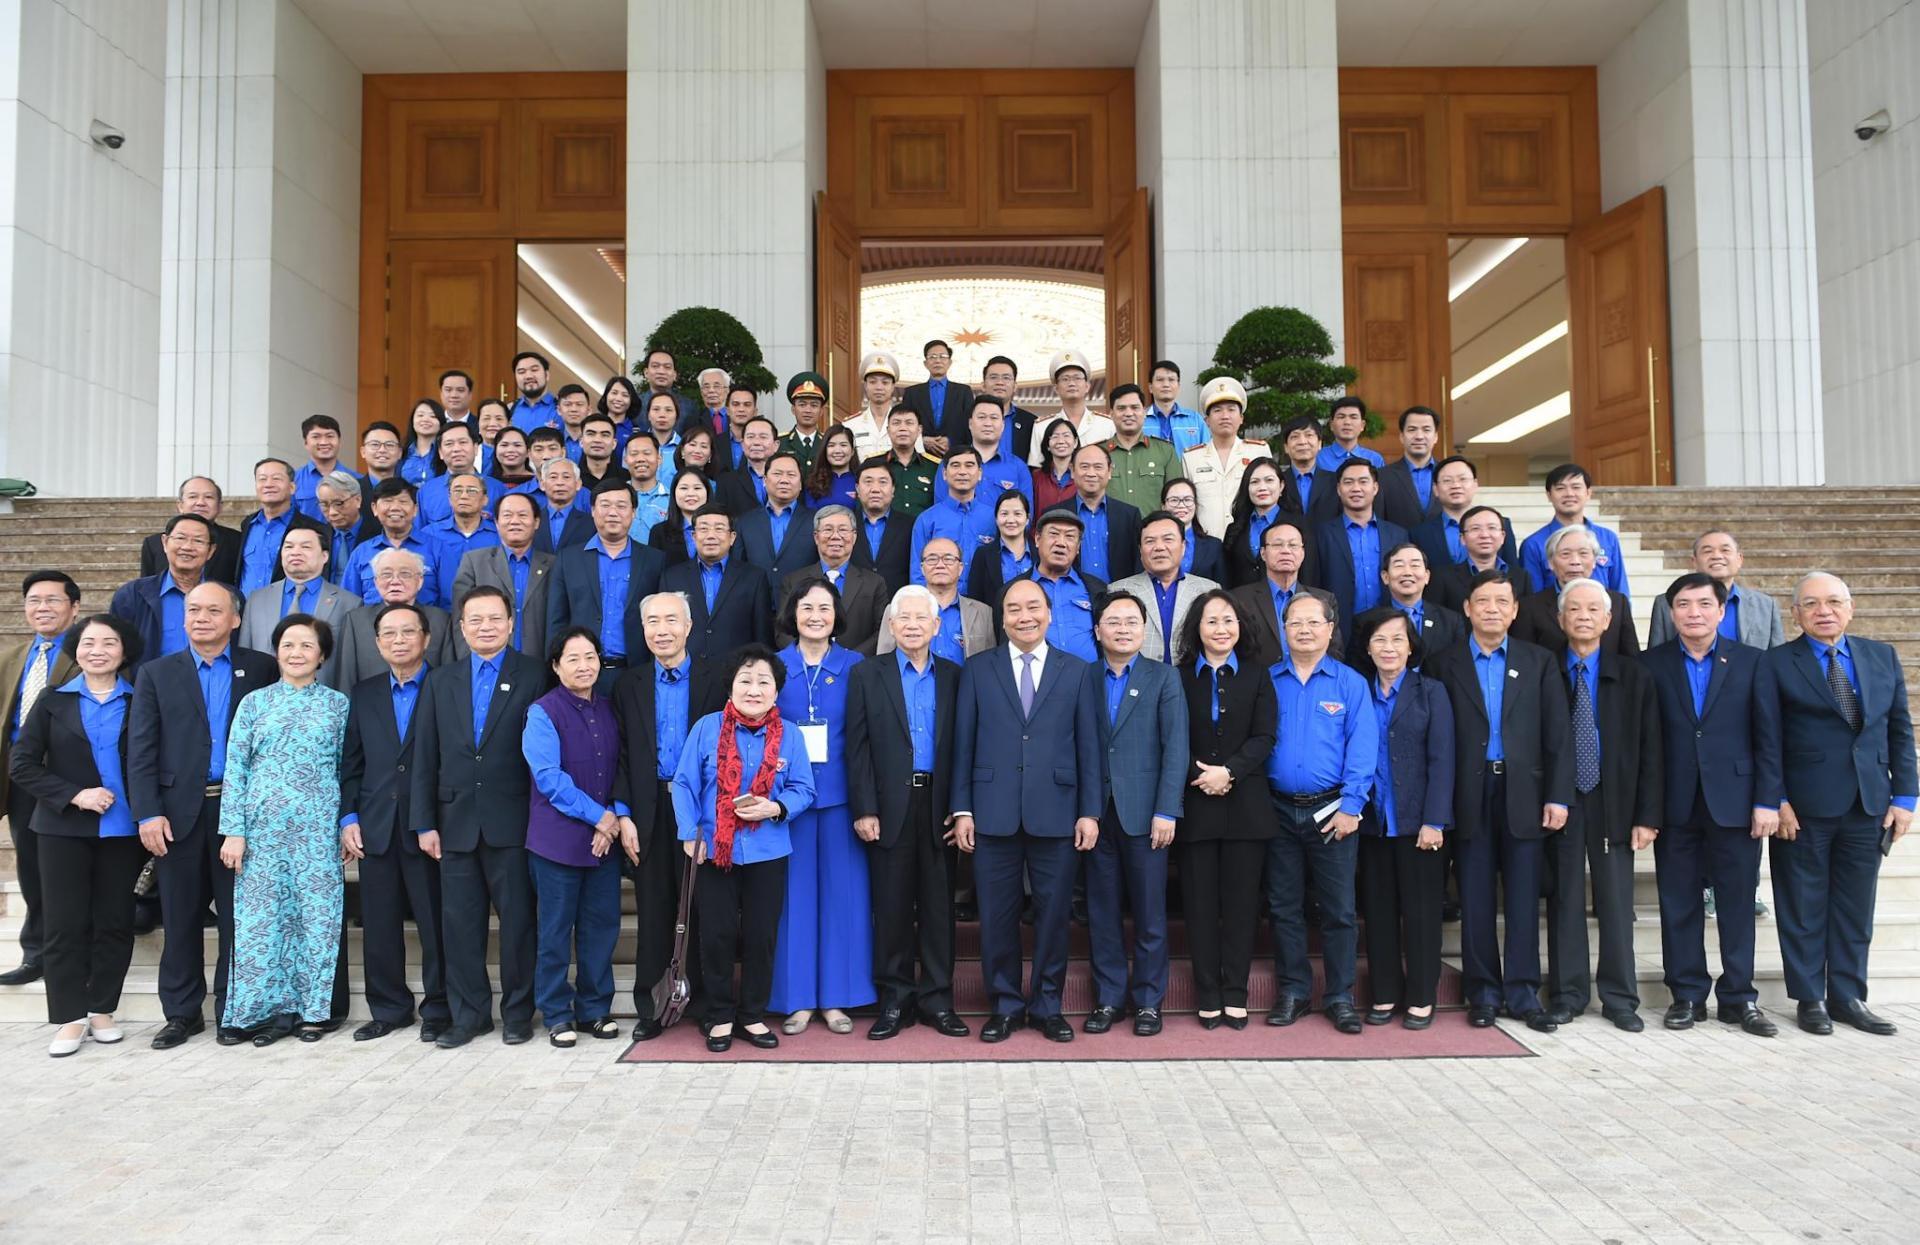 Thủ tướng Nguyễn Xuân Phúc chụp ảnh lưu niệm cùng cán bộ đoàn các thời kỳ